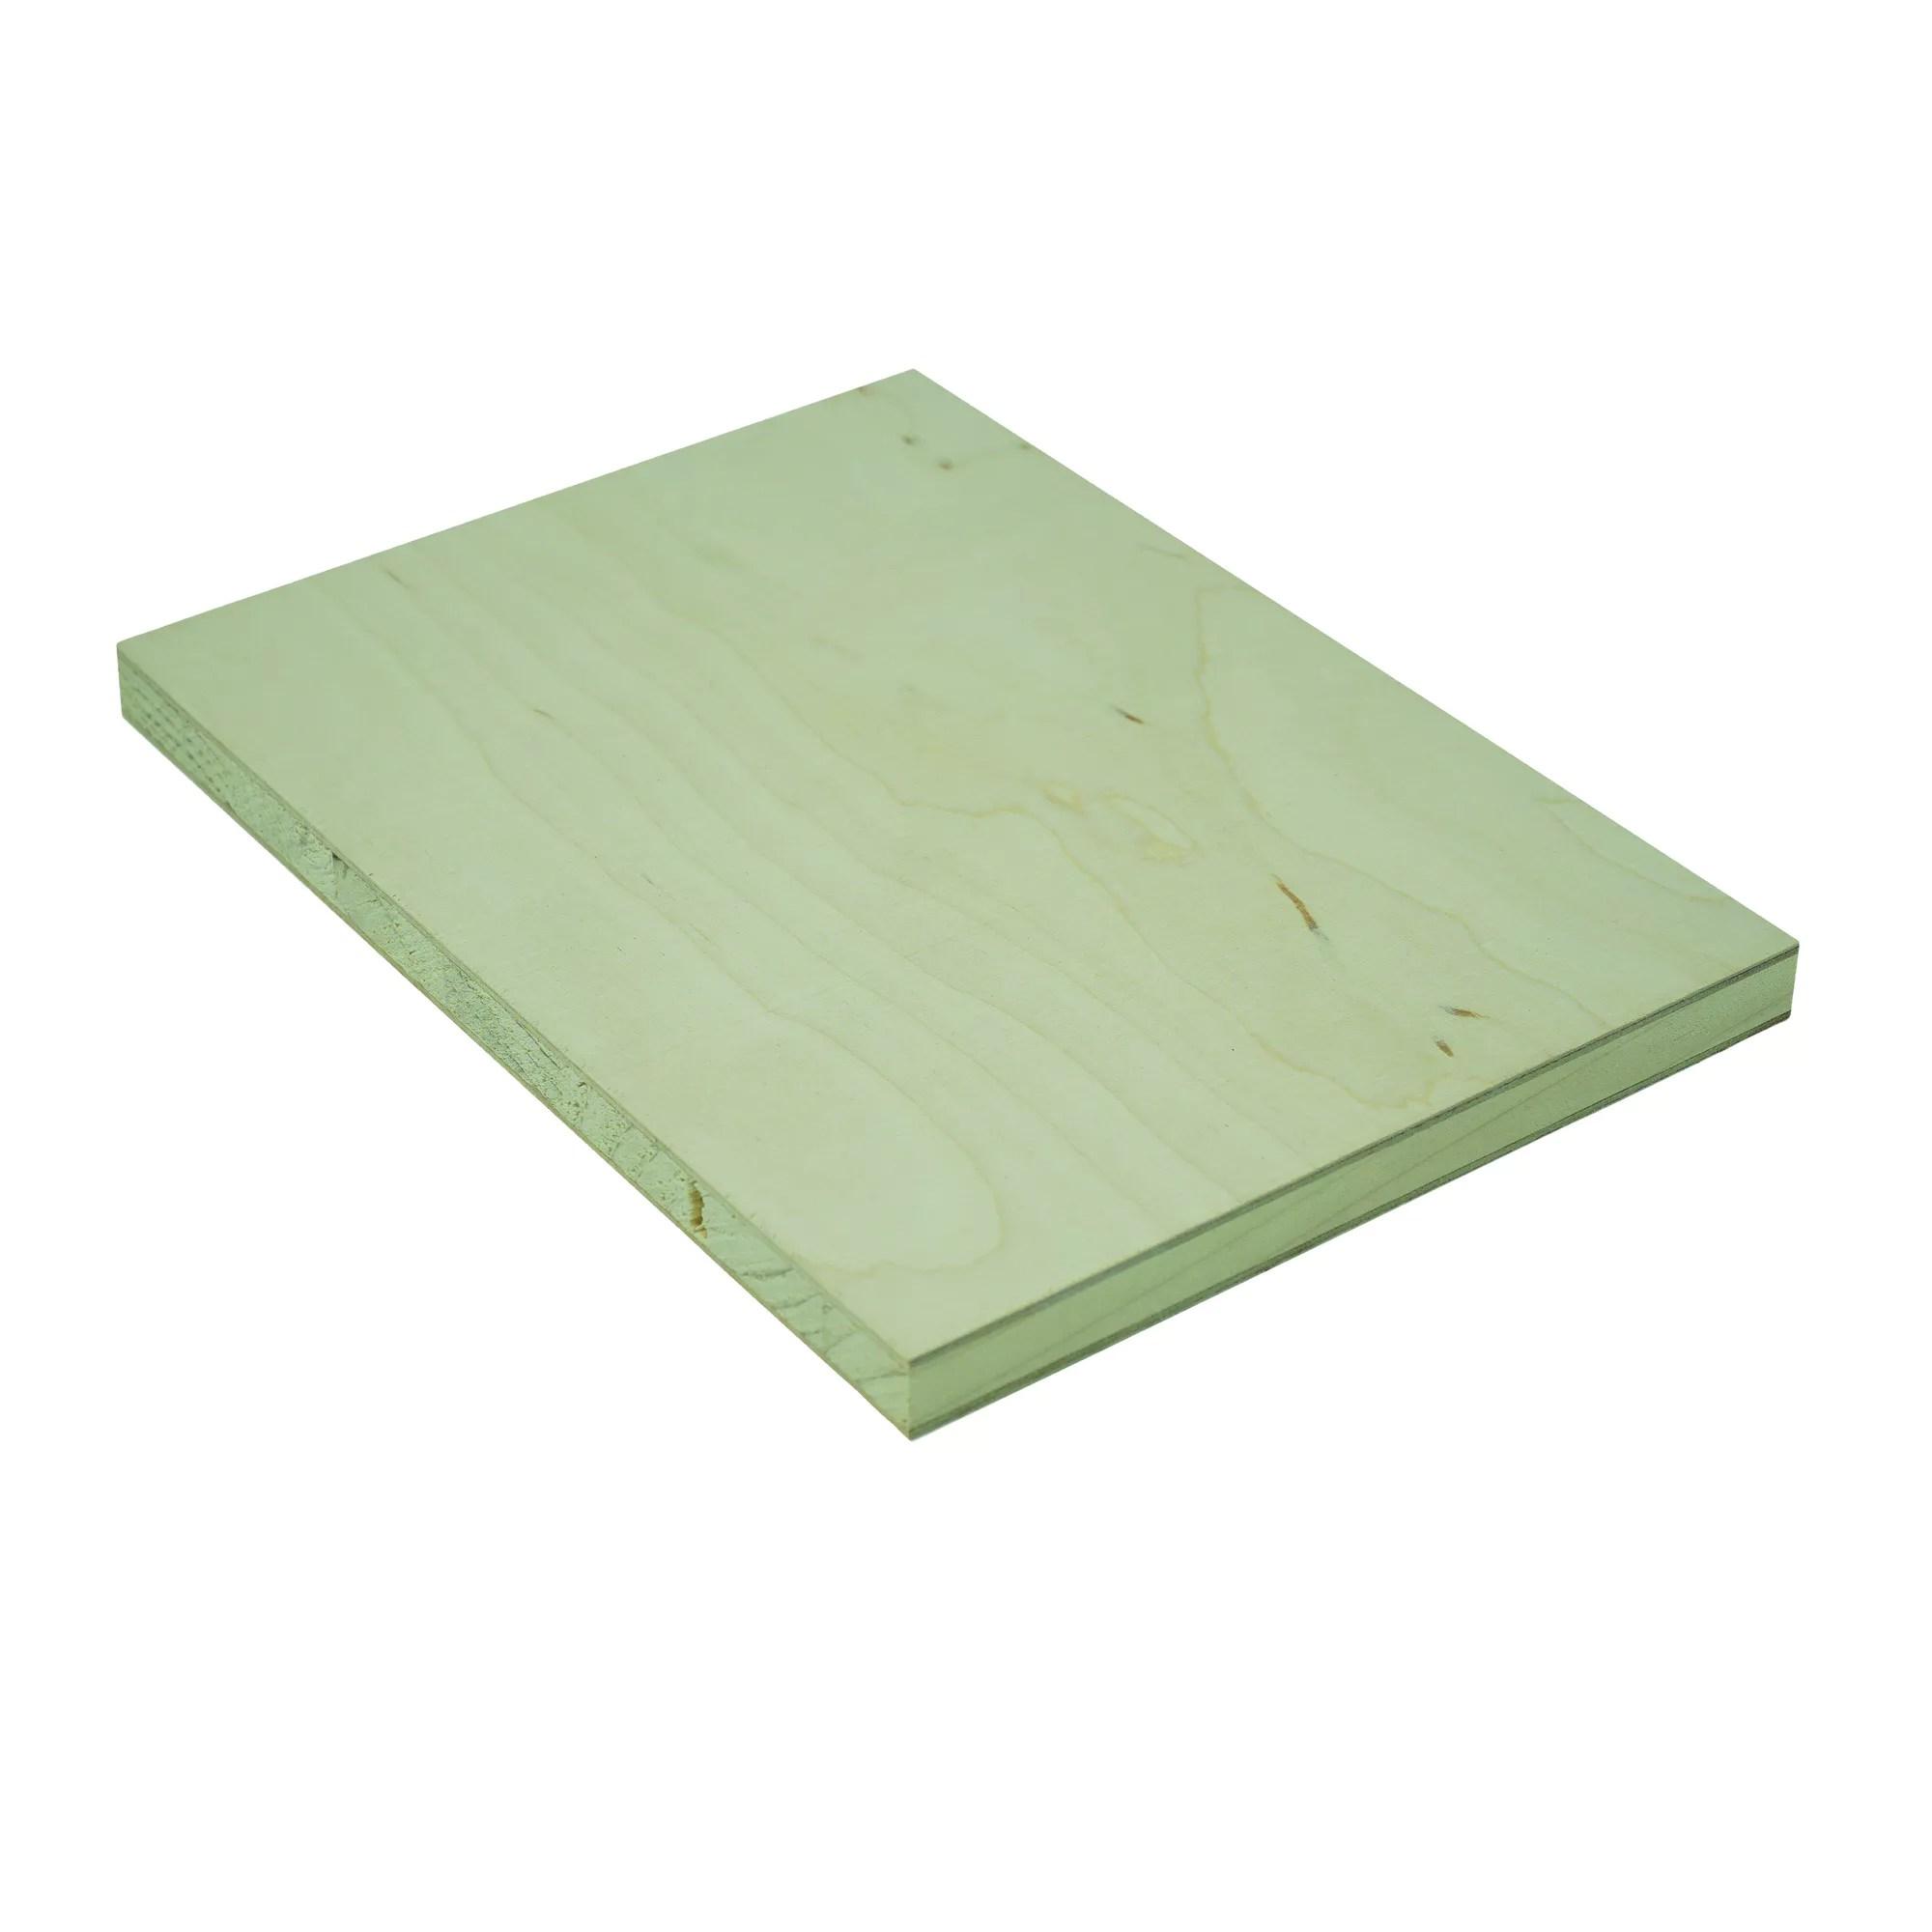 Tischlerplatte Birke 2500 X 1250 X 16 Mm ǀ Toom Baumarkt